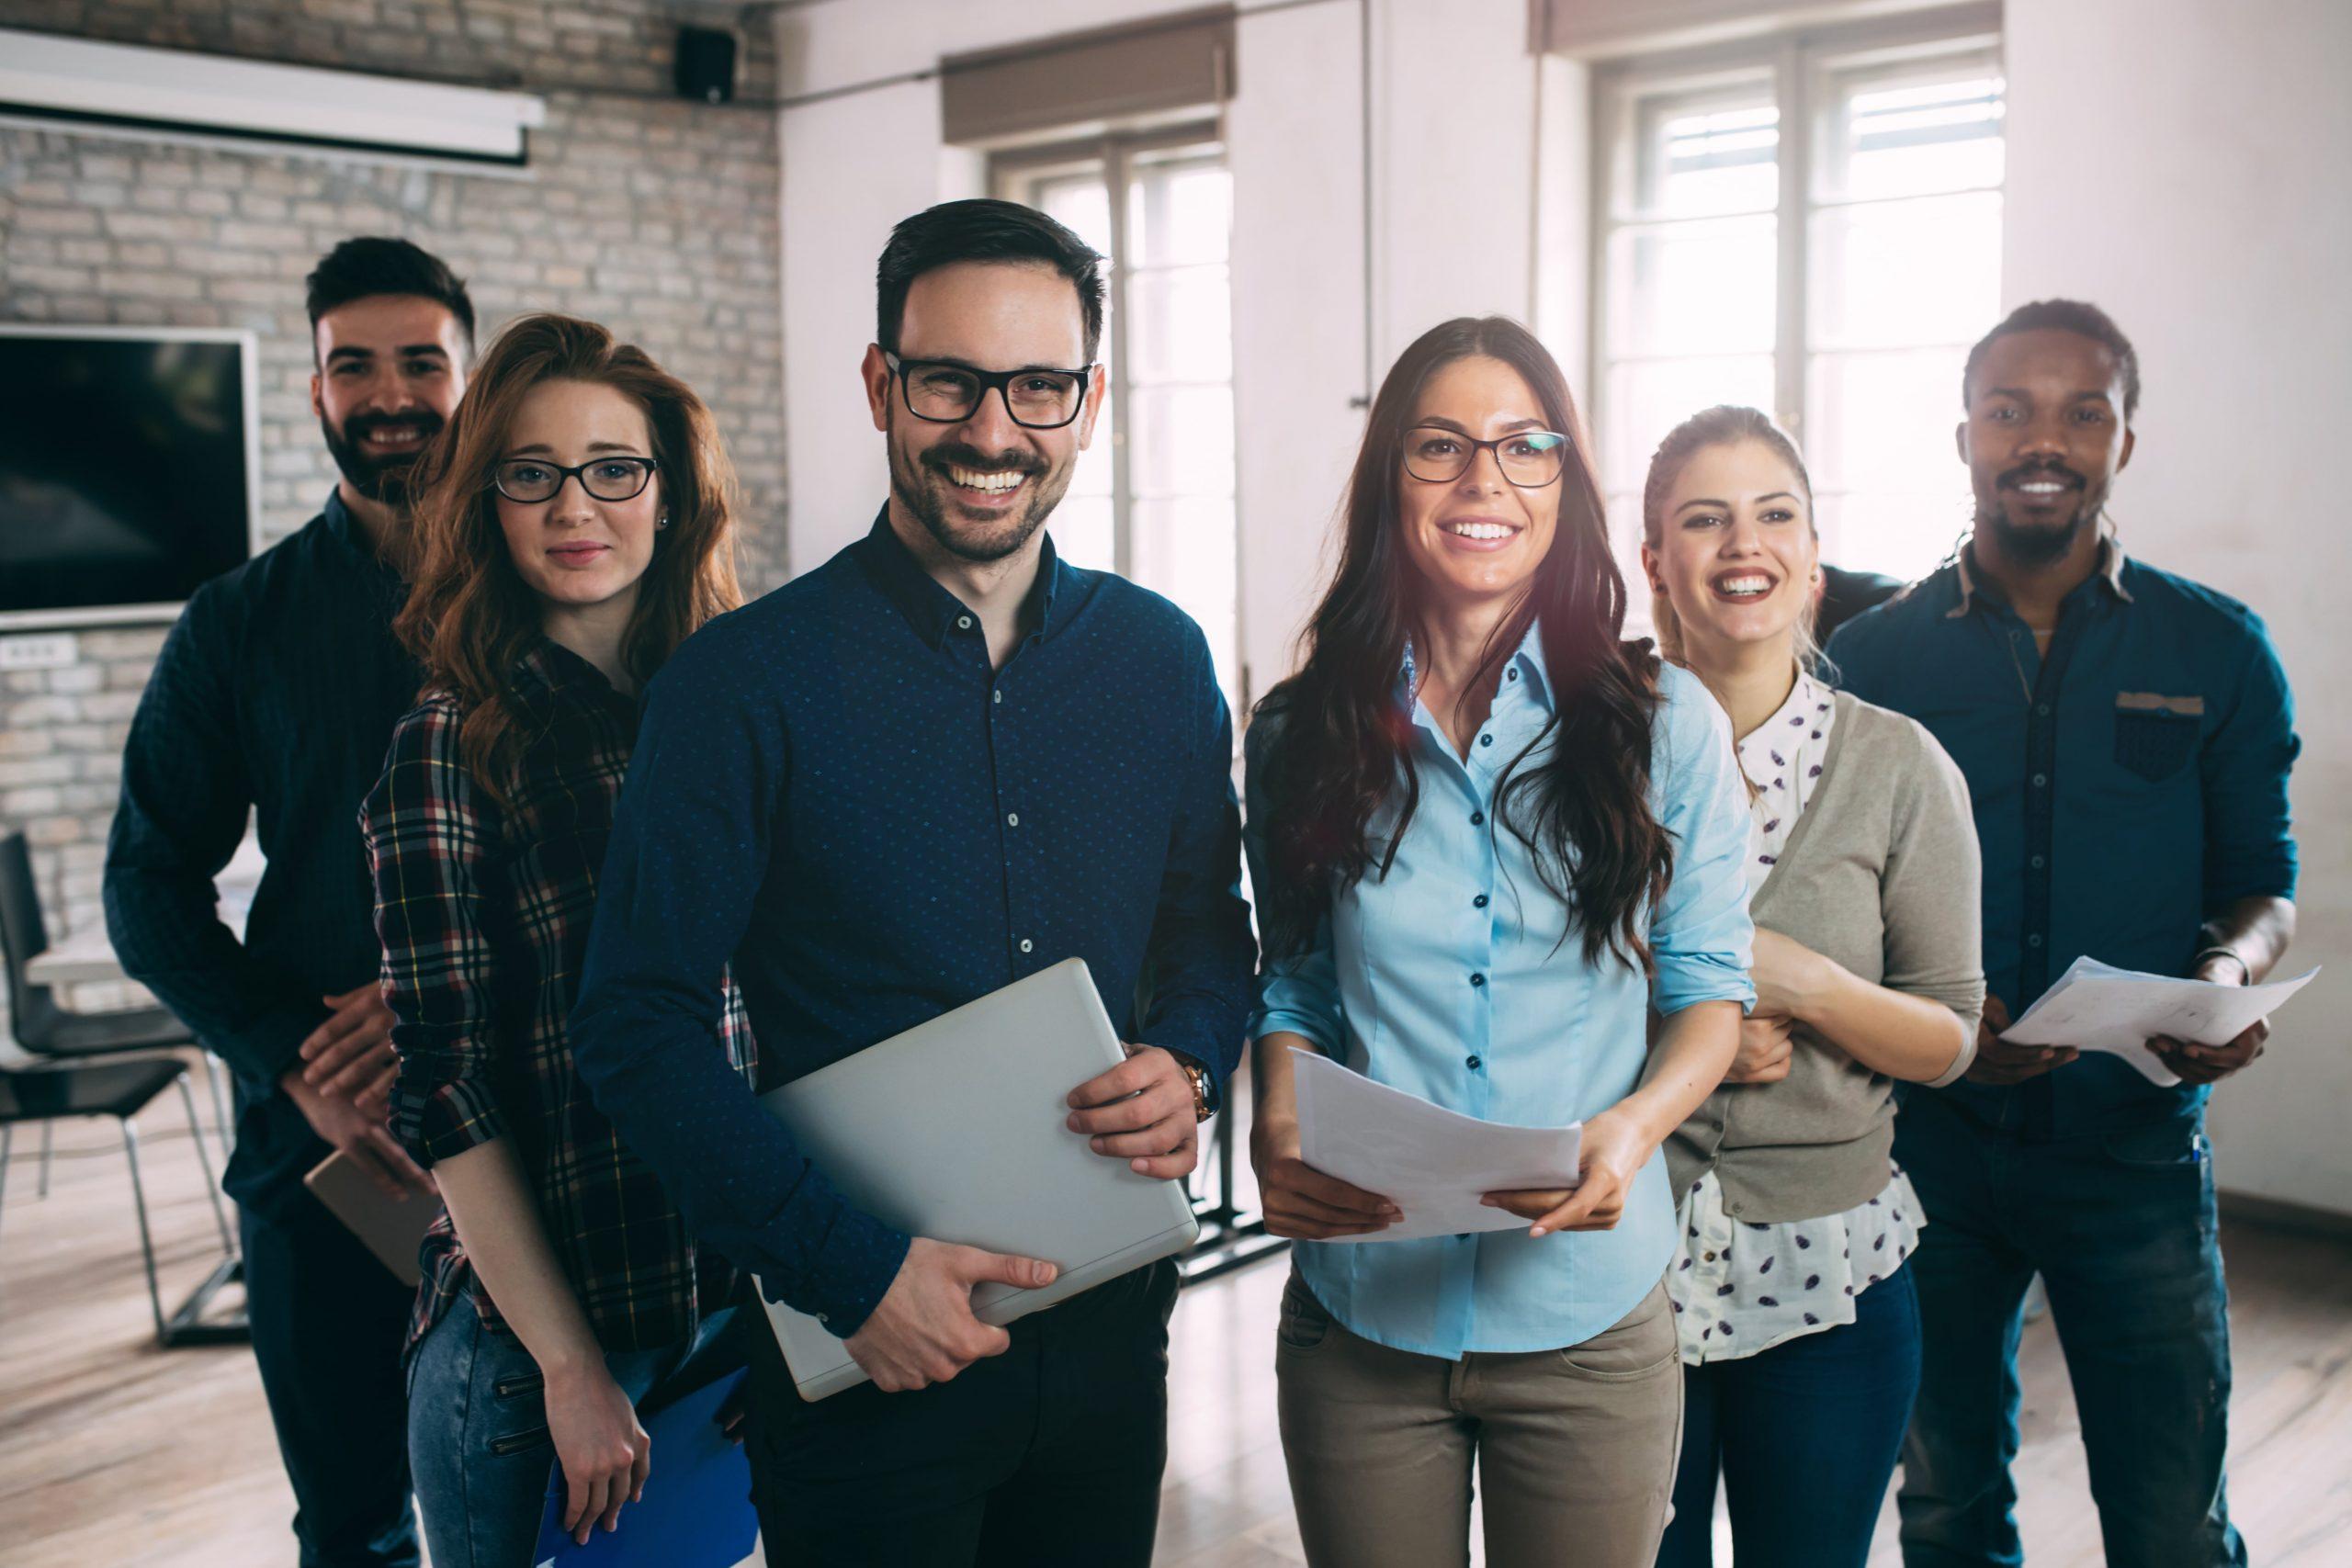 6 Geschäftsleute mit Laptops in der Hand stehen im Halbkreis